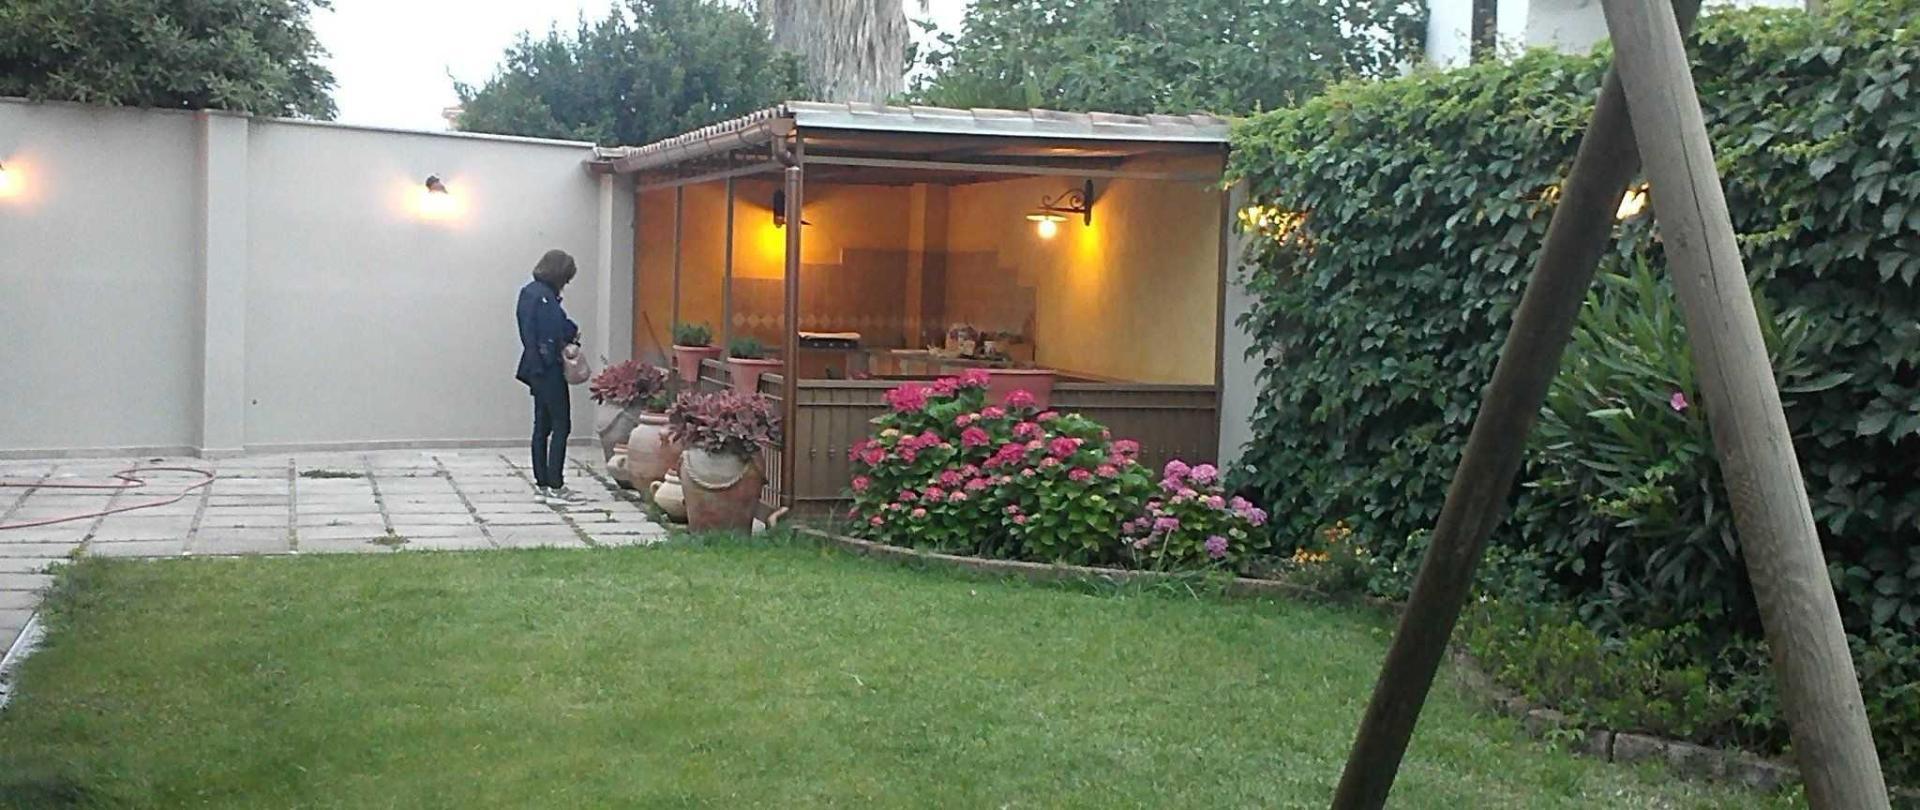 giardino-3.jpg